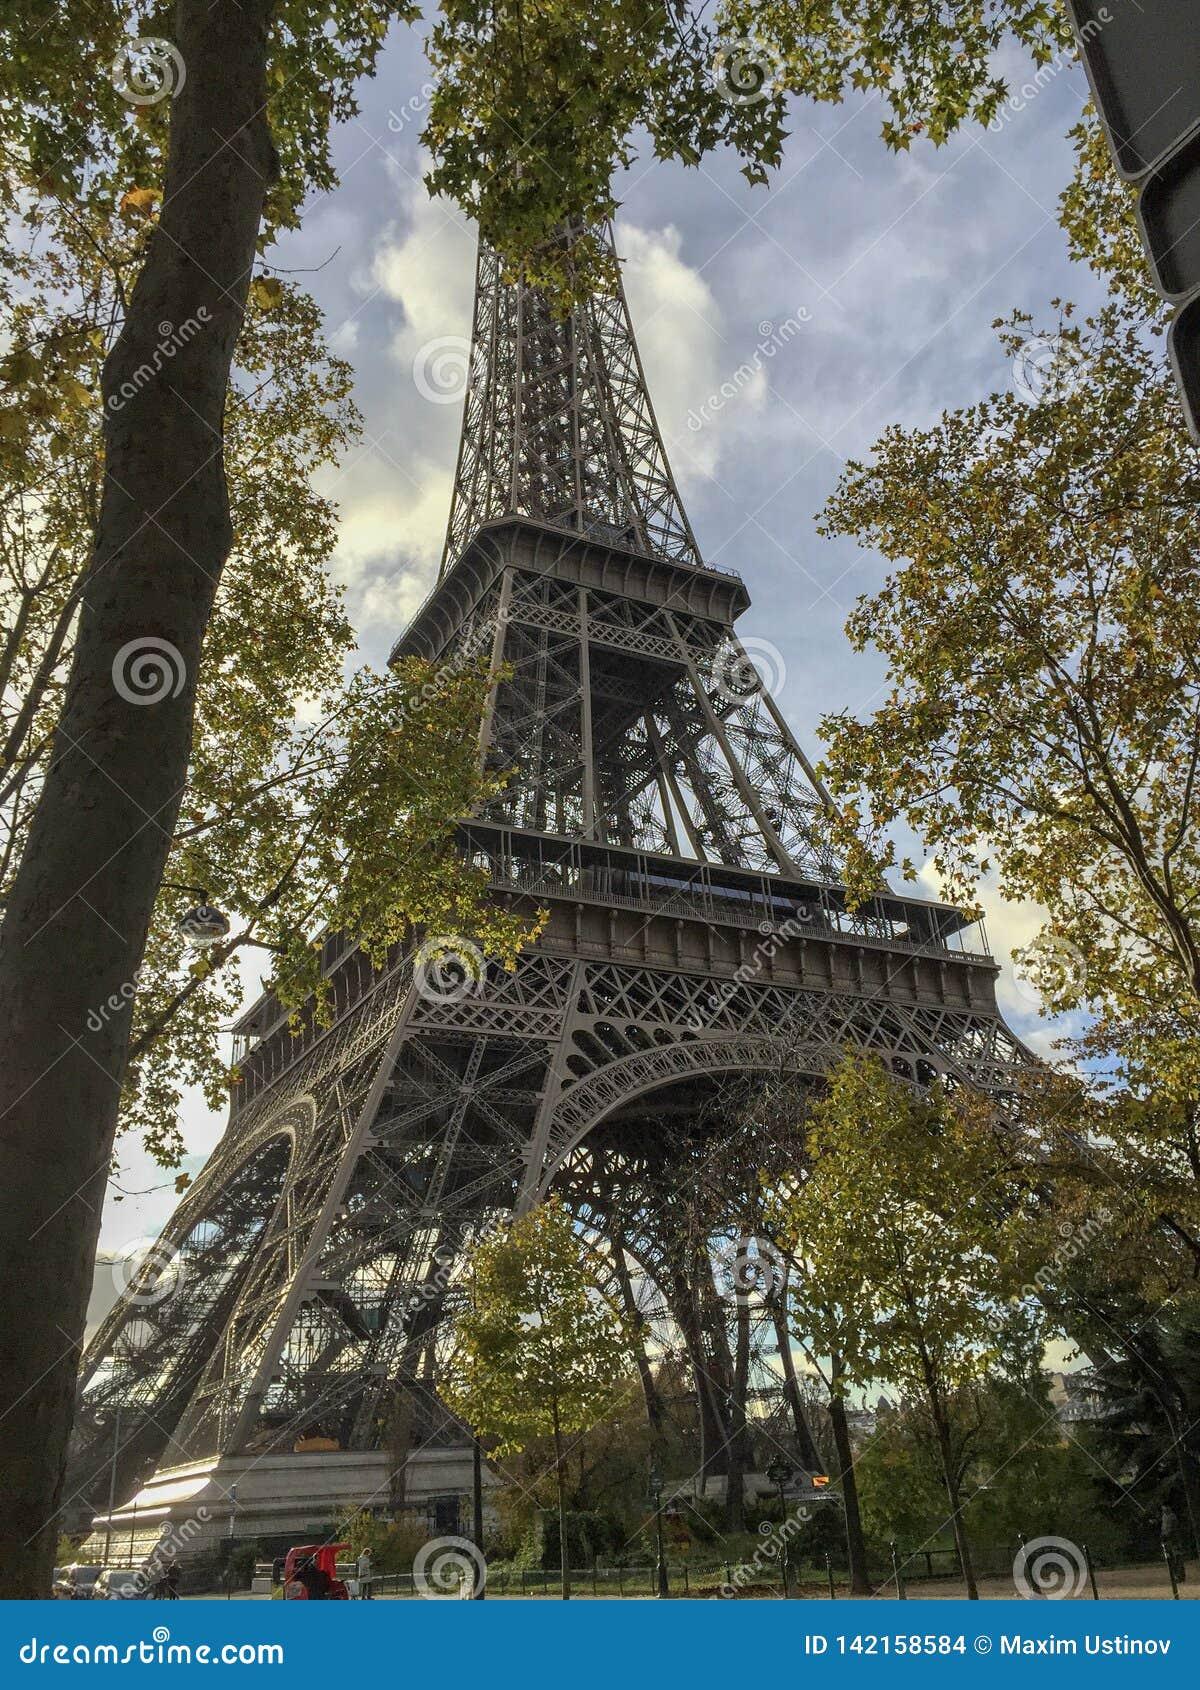 De Toren van Eiffel door de bomen wordt omringd die